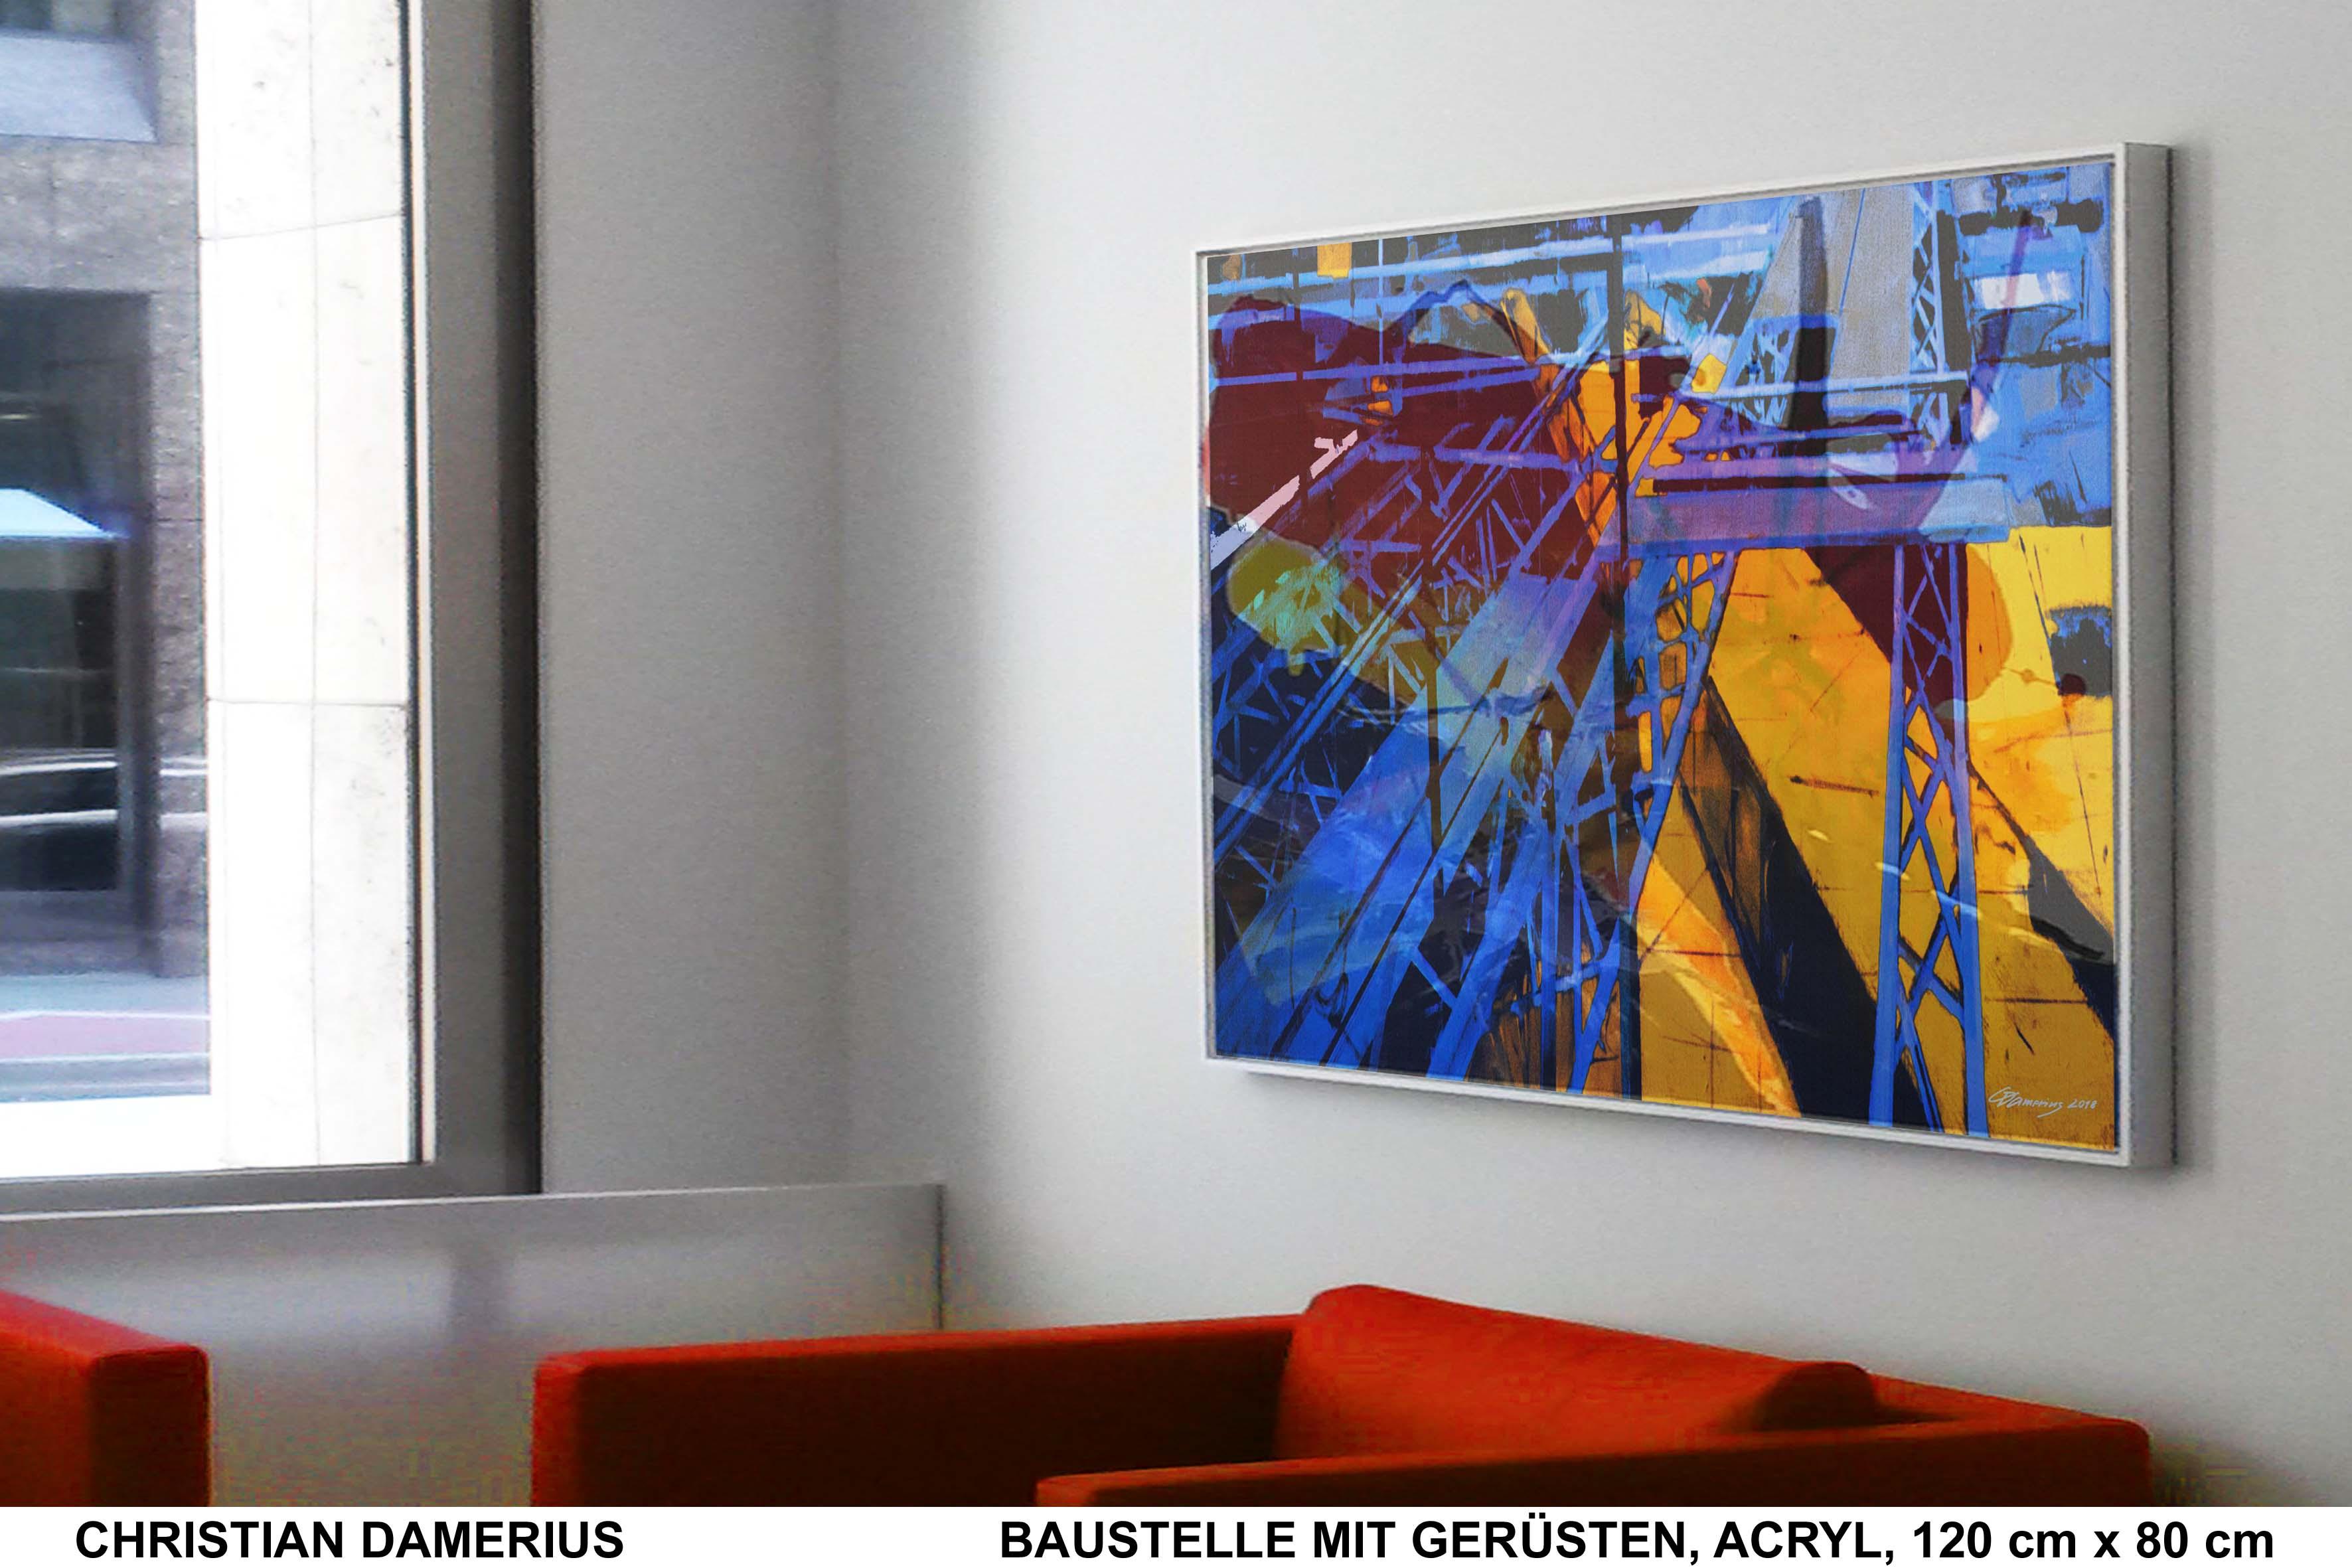 baustelle mit gerüsten,christian damerius,kunstdrucke,gemälde,originalmalerei baustellen,moderne malerei,bekannte moderne deutsche maler,bilder für büros,wohnzimmer,arbeitsplätze,privatsammlungen,